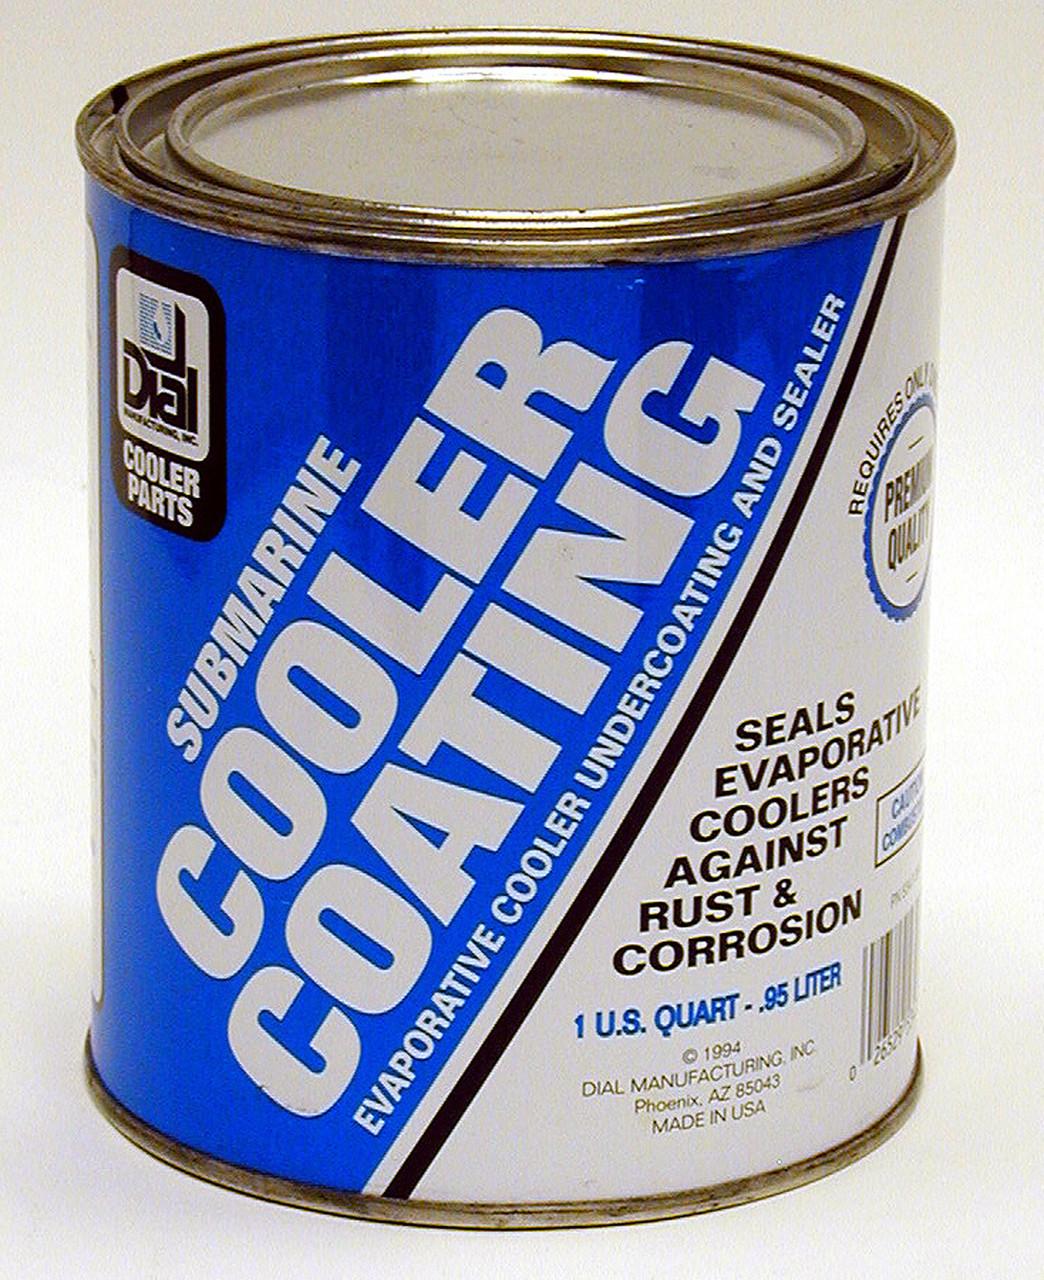 Cooler Coating